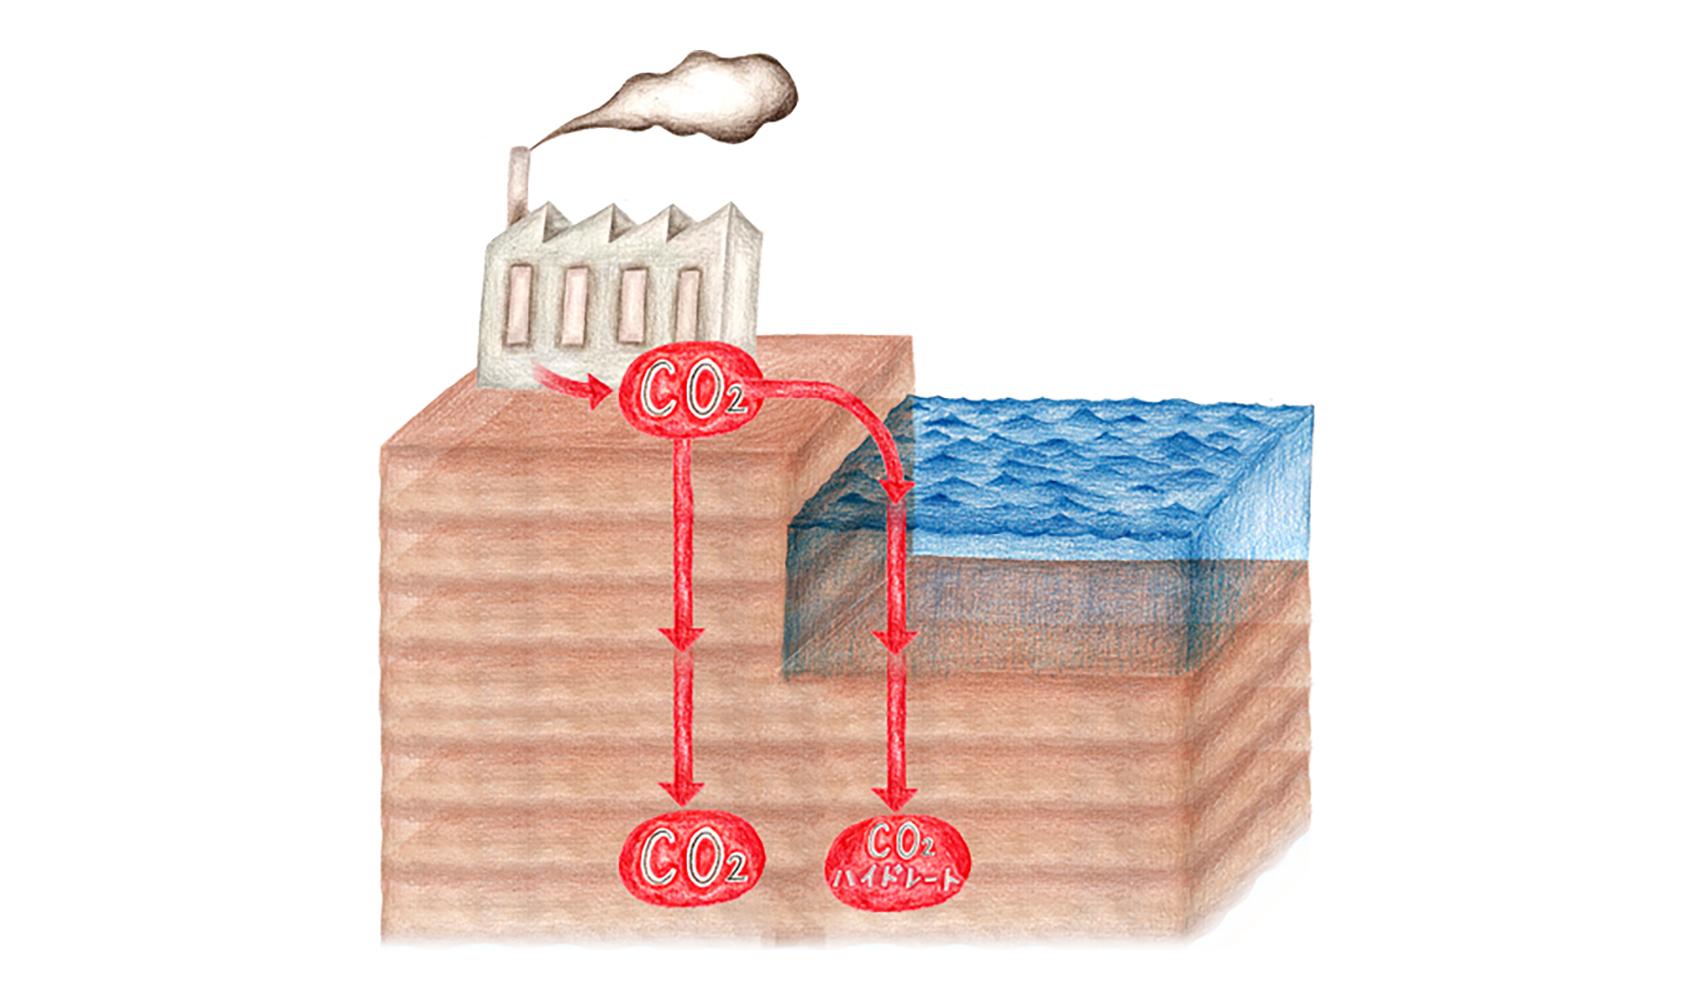 CCSとは何ですか?